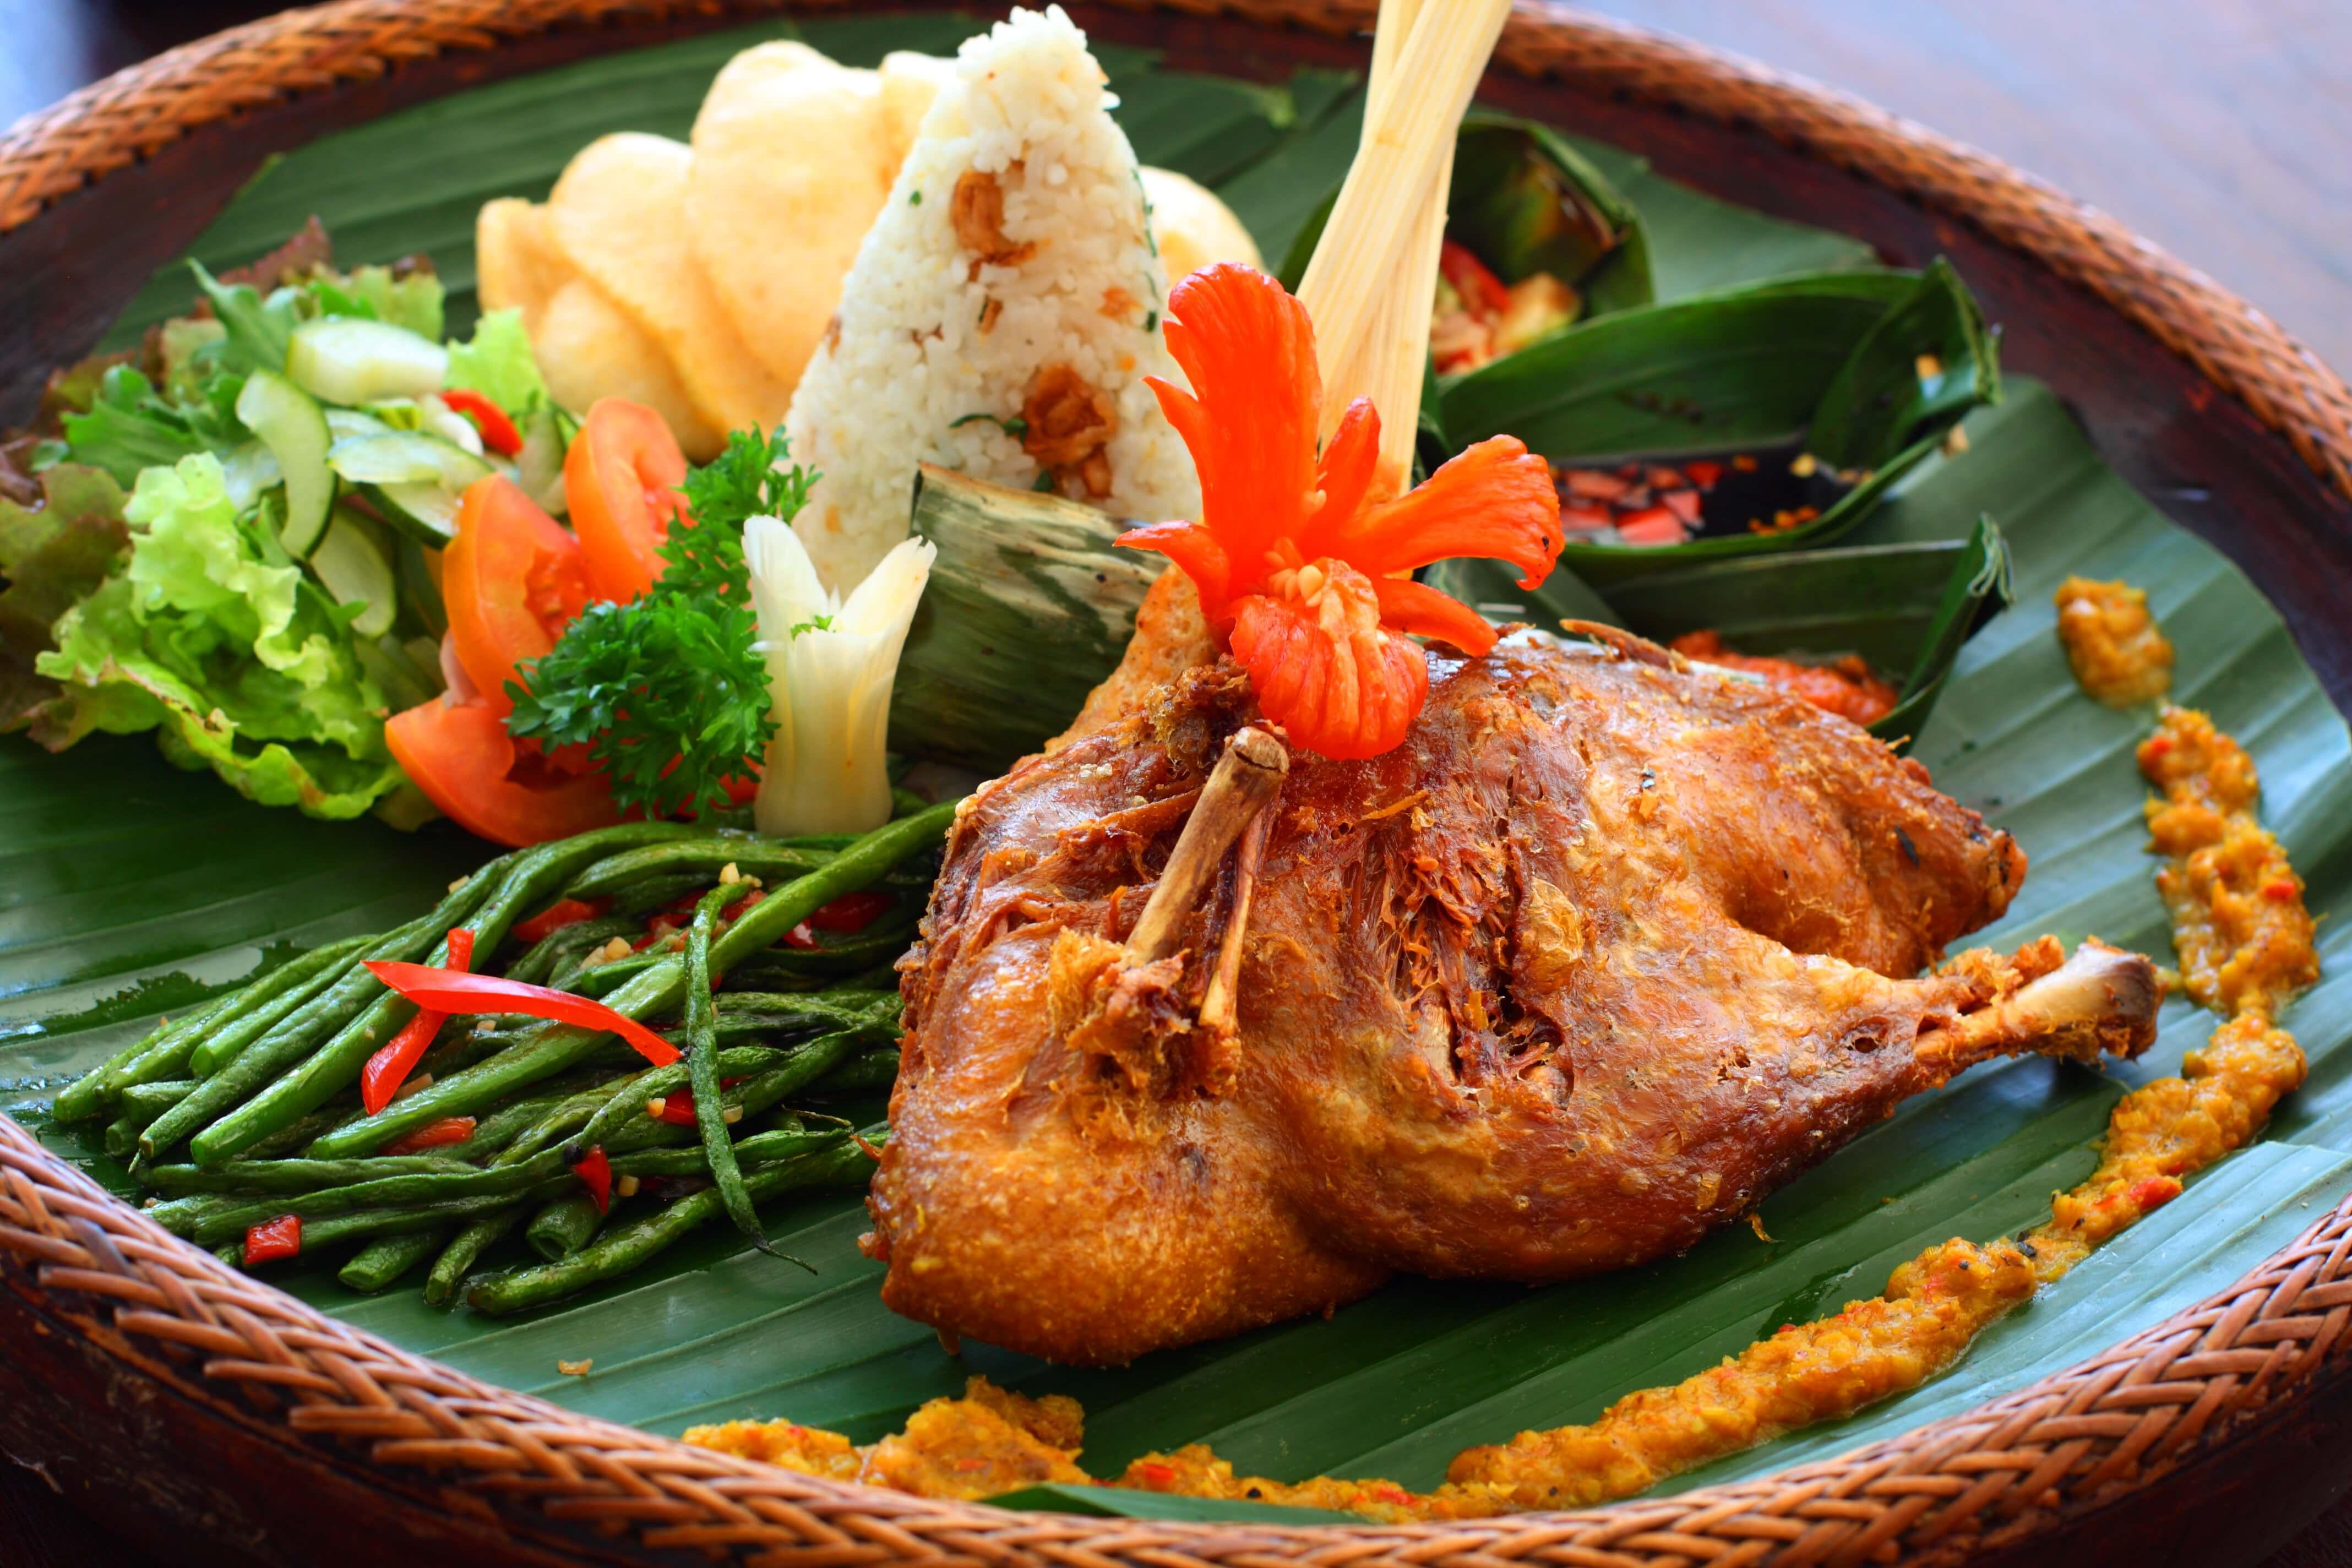 2020   印尼峇里島必吃美食推薦  超人氣特色餐點懶人包整理–加多加多、鴨髒飯、烤豬飯 @東南亞投資報告